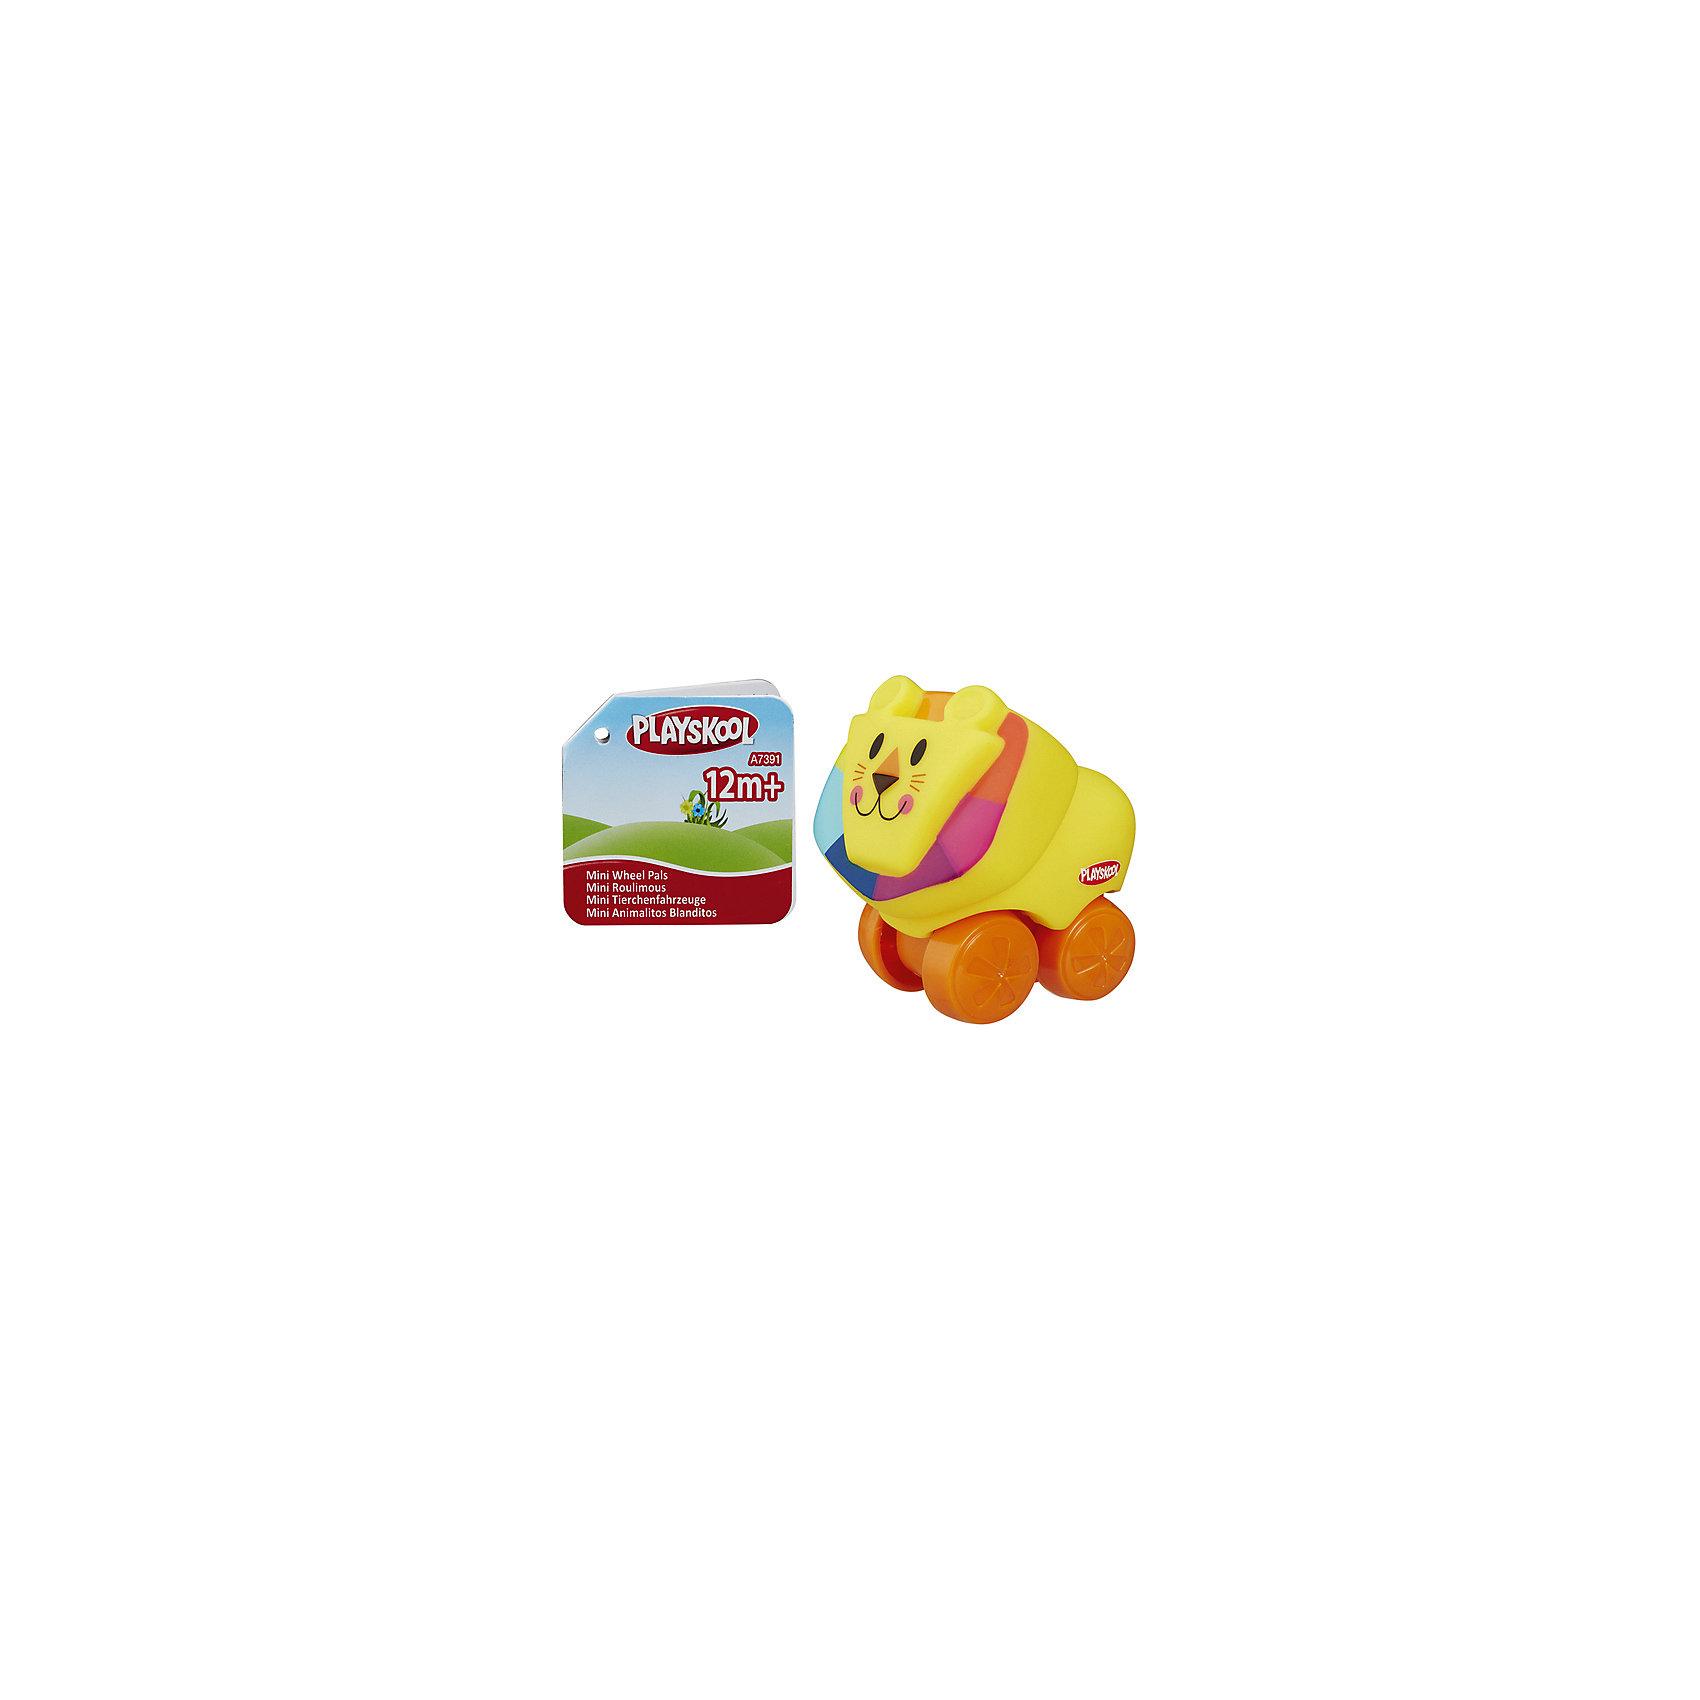 Фото 3 - Игрушка-каталка Playskool